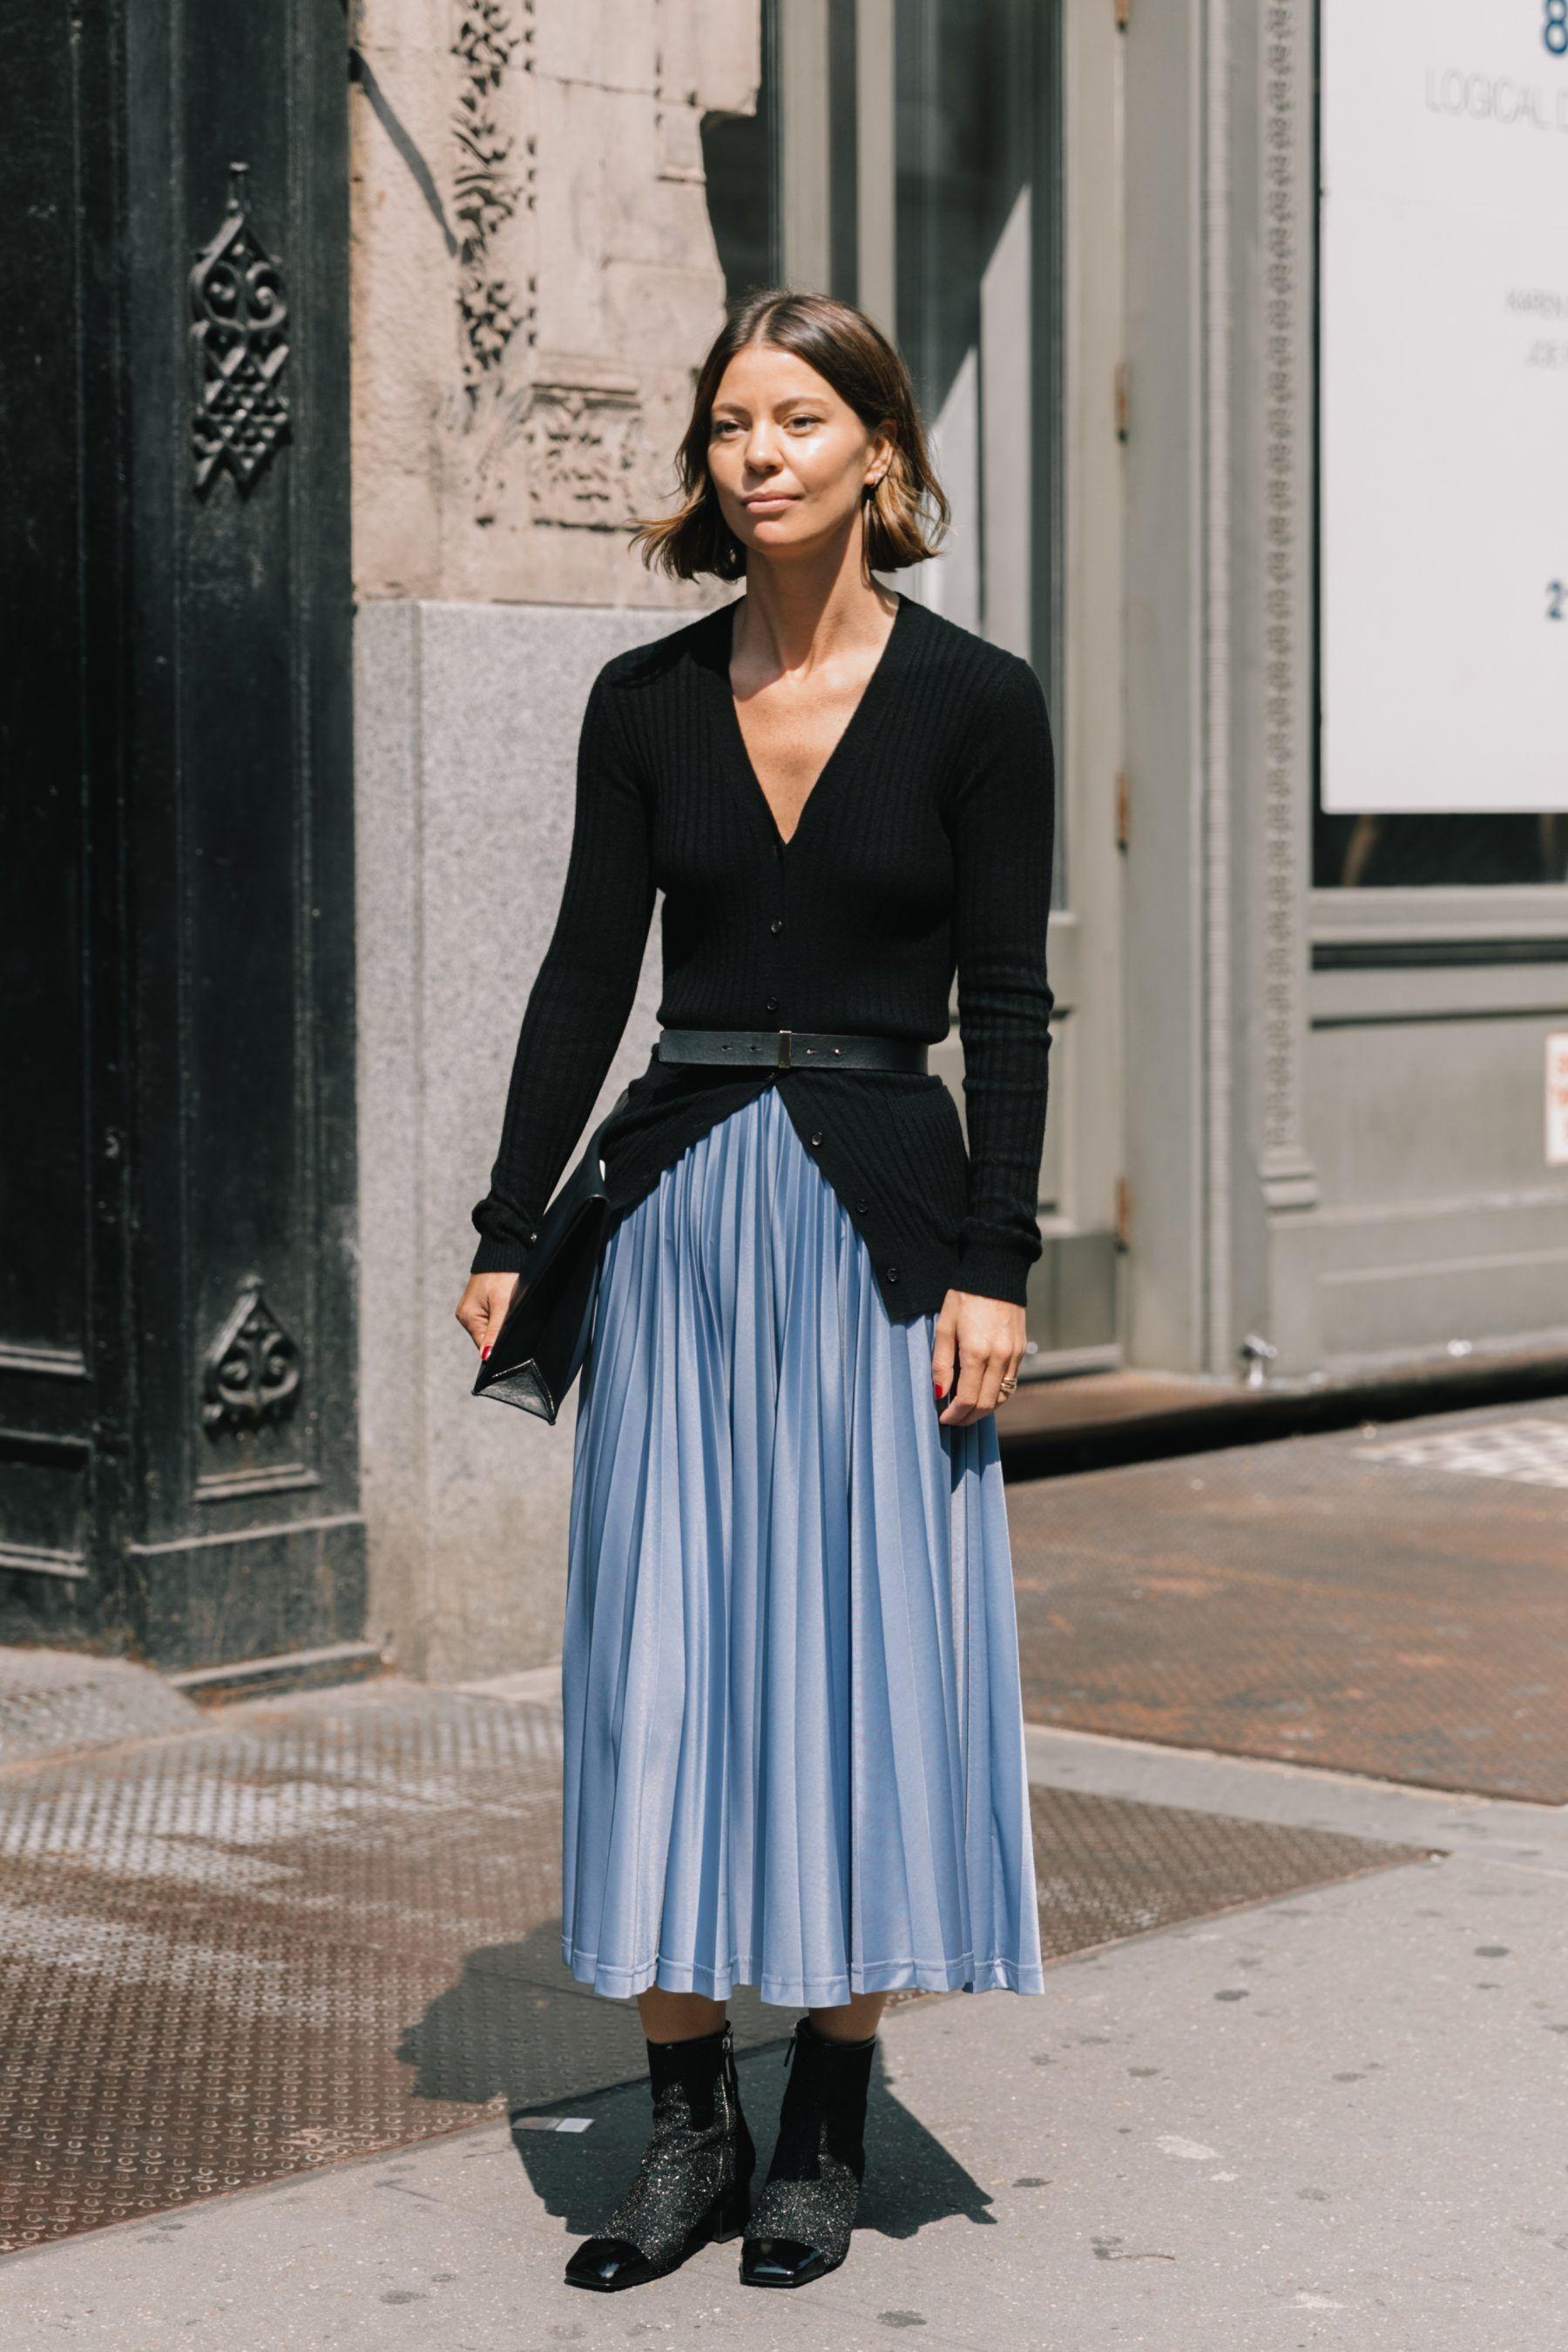 Cách phối màu xanh tím giúp bộ trang phục tươi tắn hơn